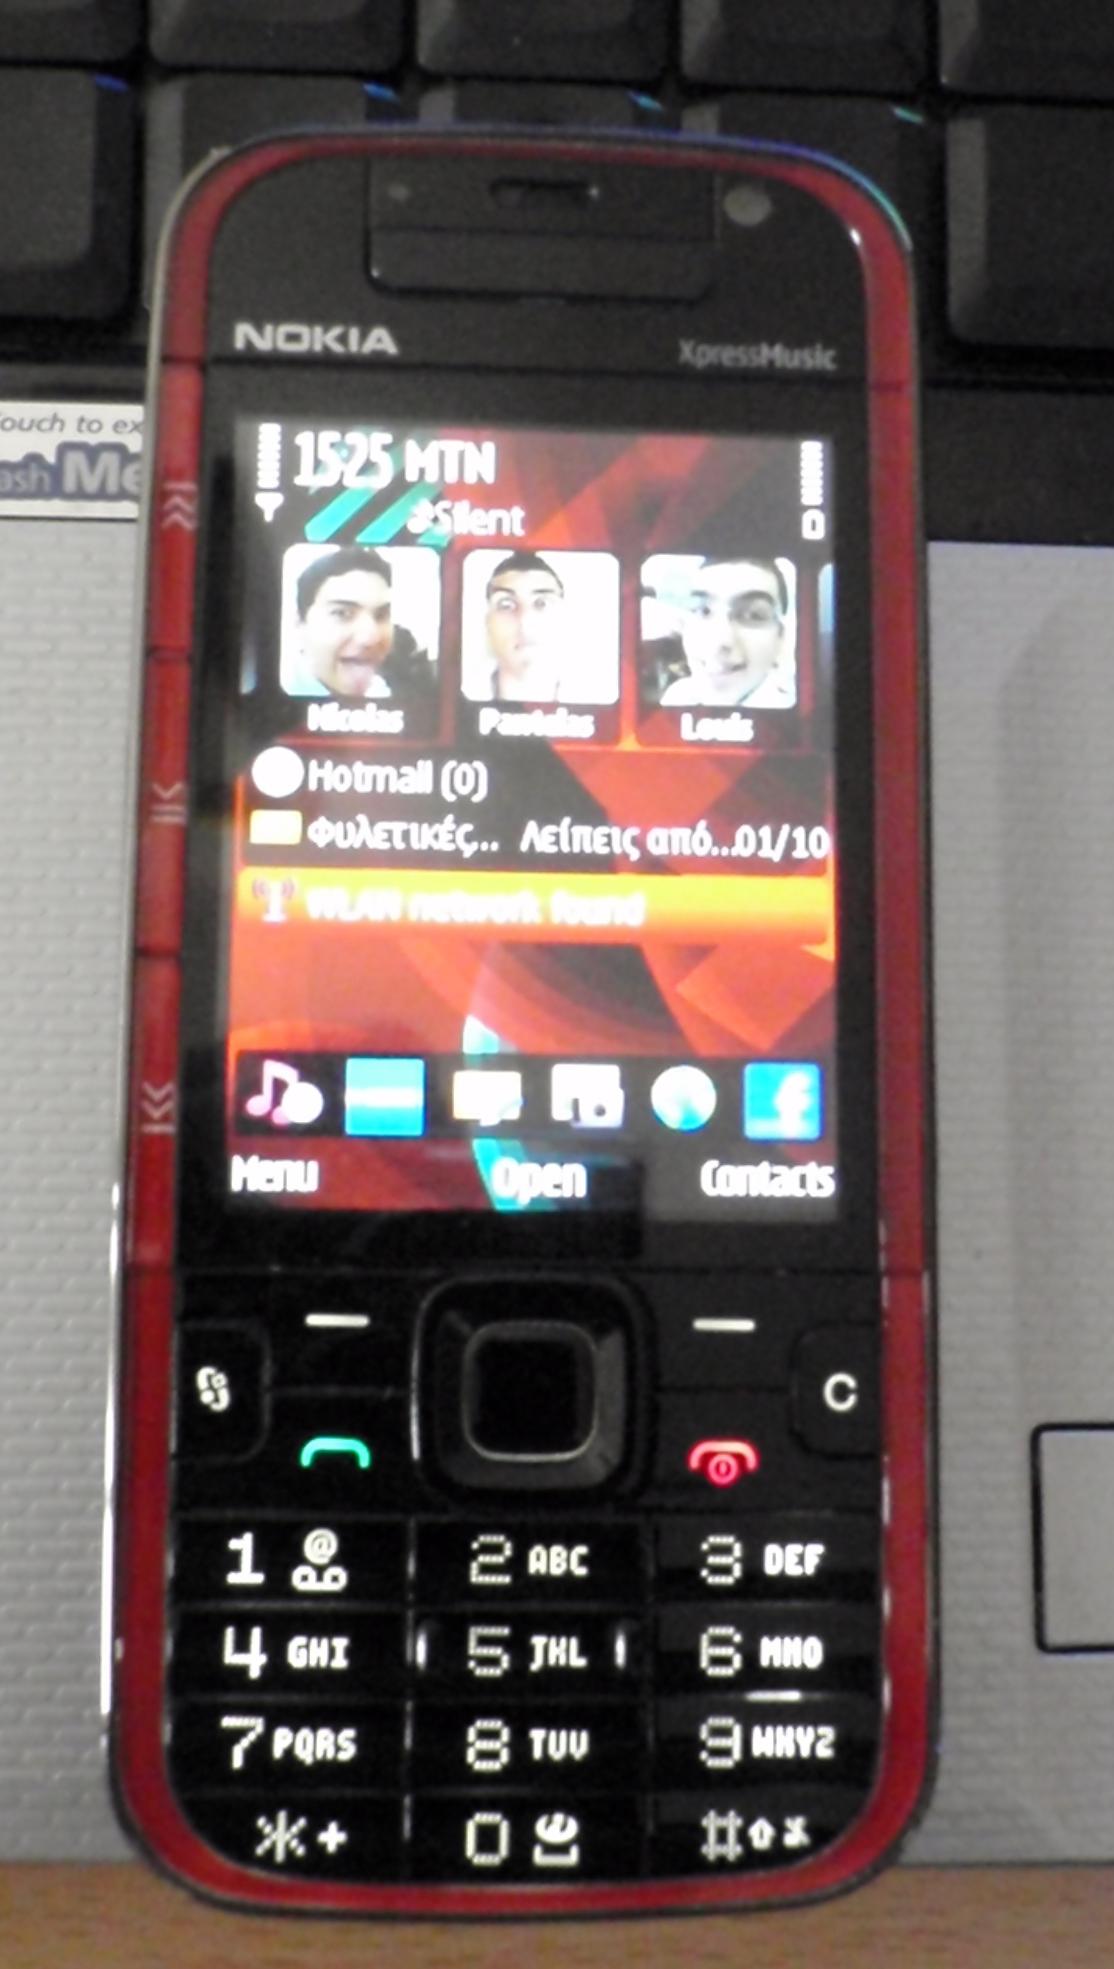 Nokia 5730 Xpressmusic Wikipedia